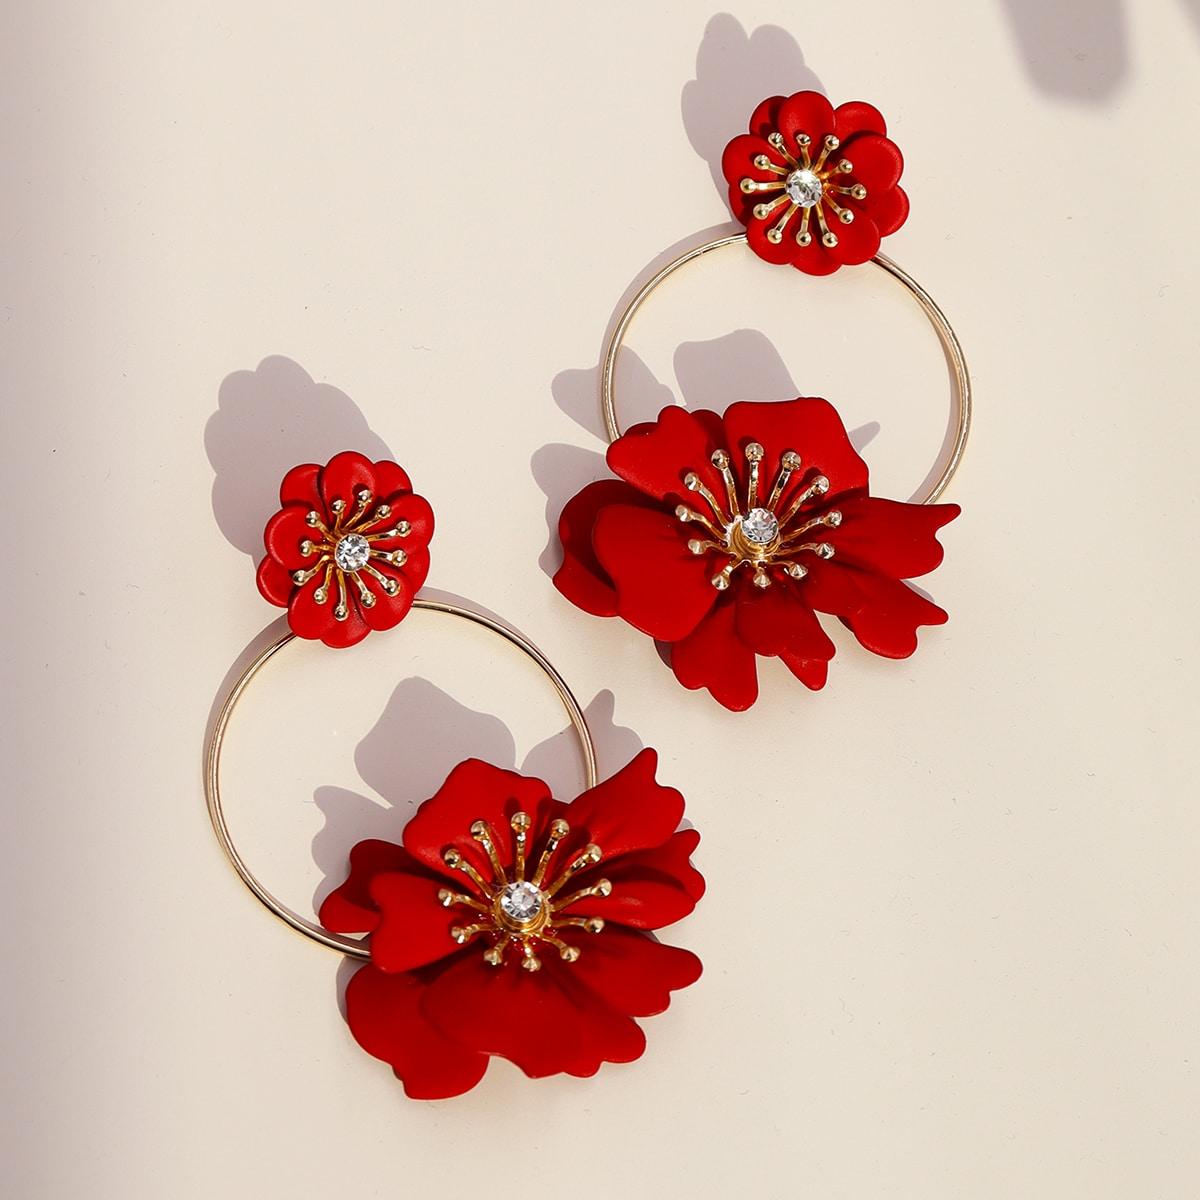 Серьги-подвески с цветочным декором фото